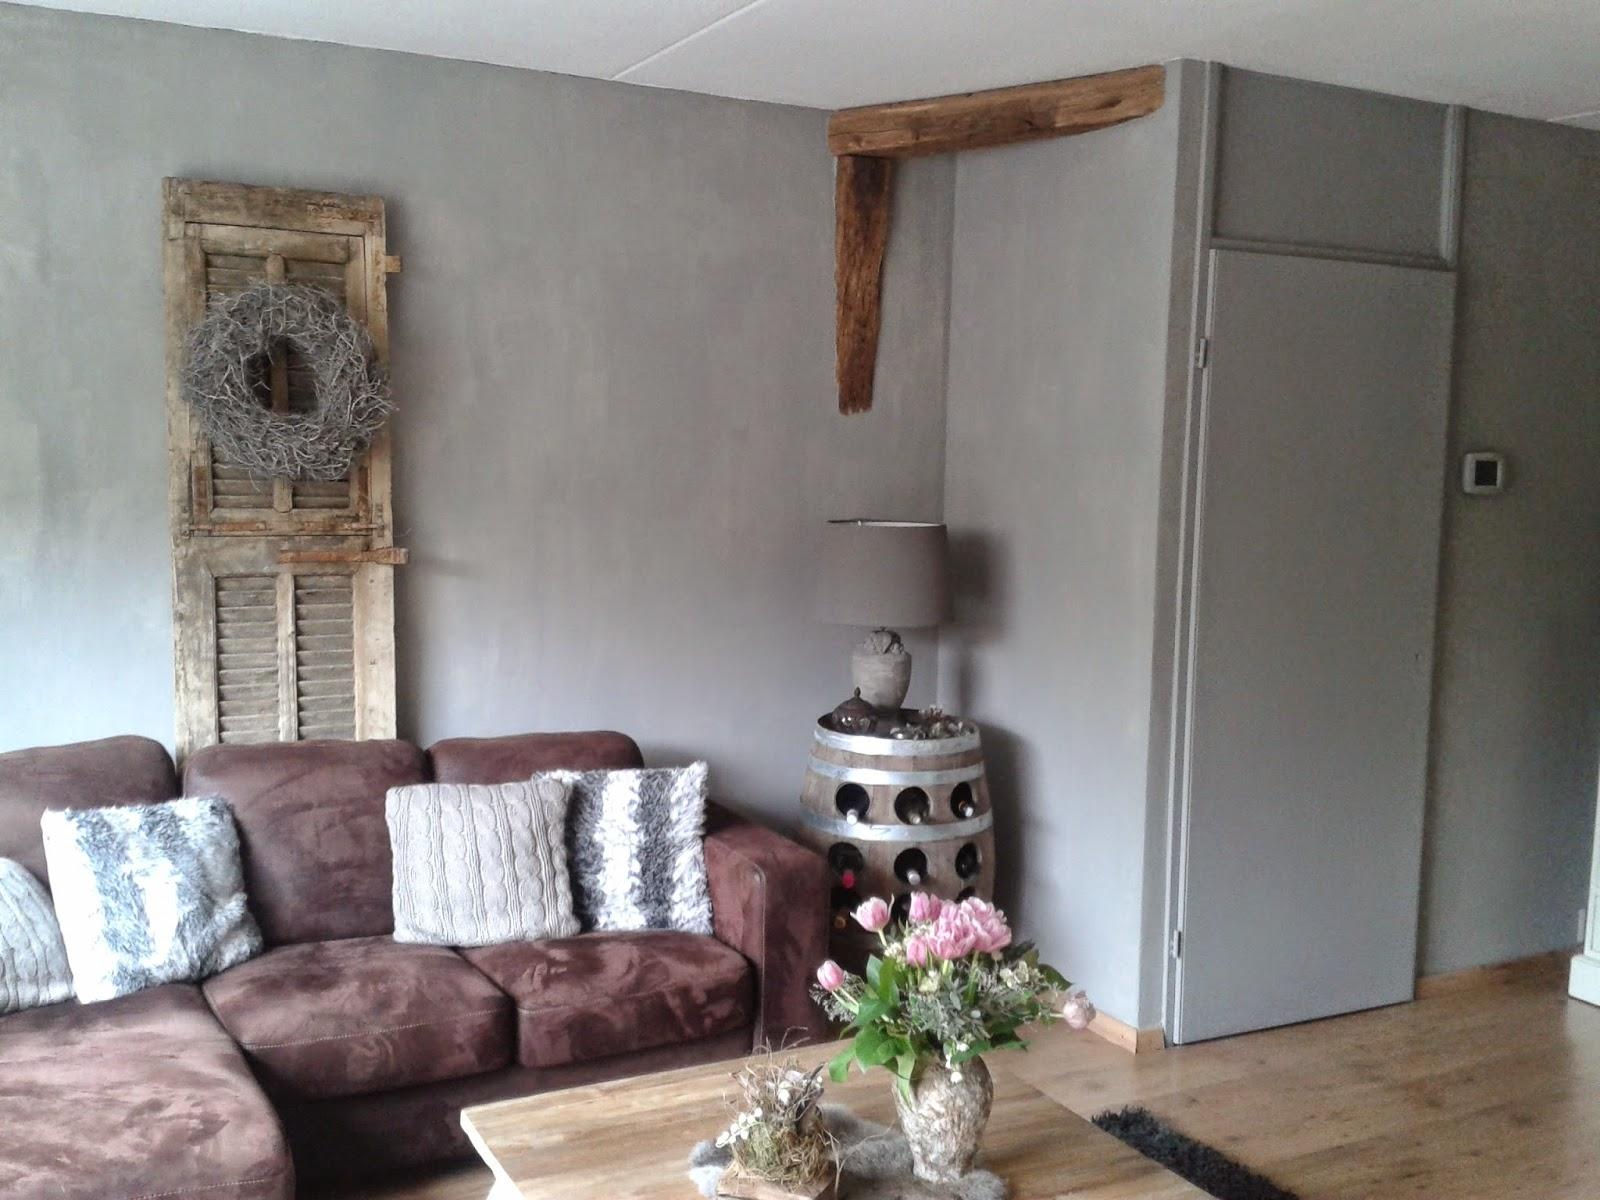 Ideeen Kleuren Muur : Home decor ideeën innemend welke kleur grijs op de muur welke kleur